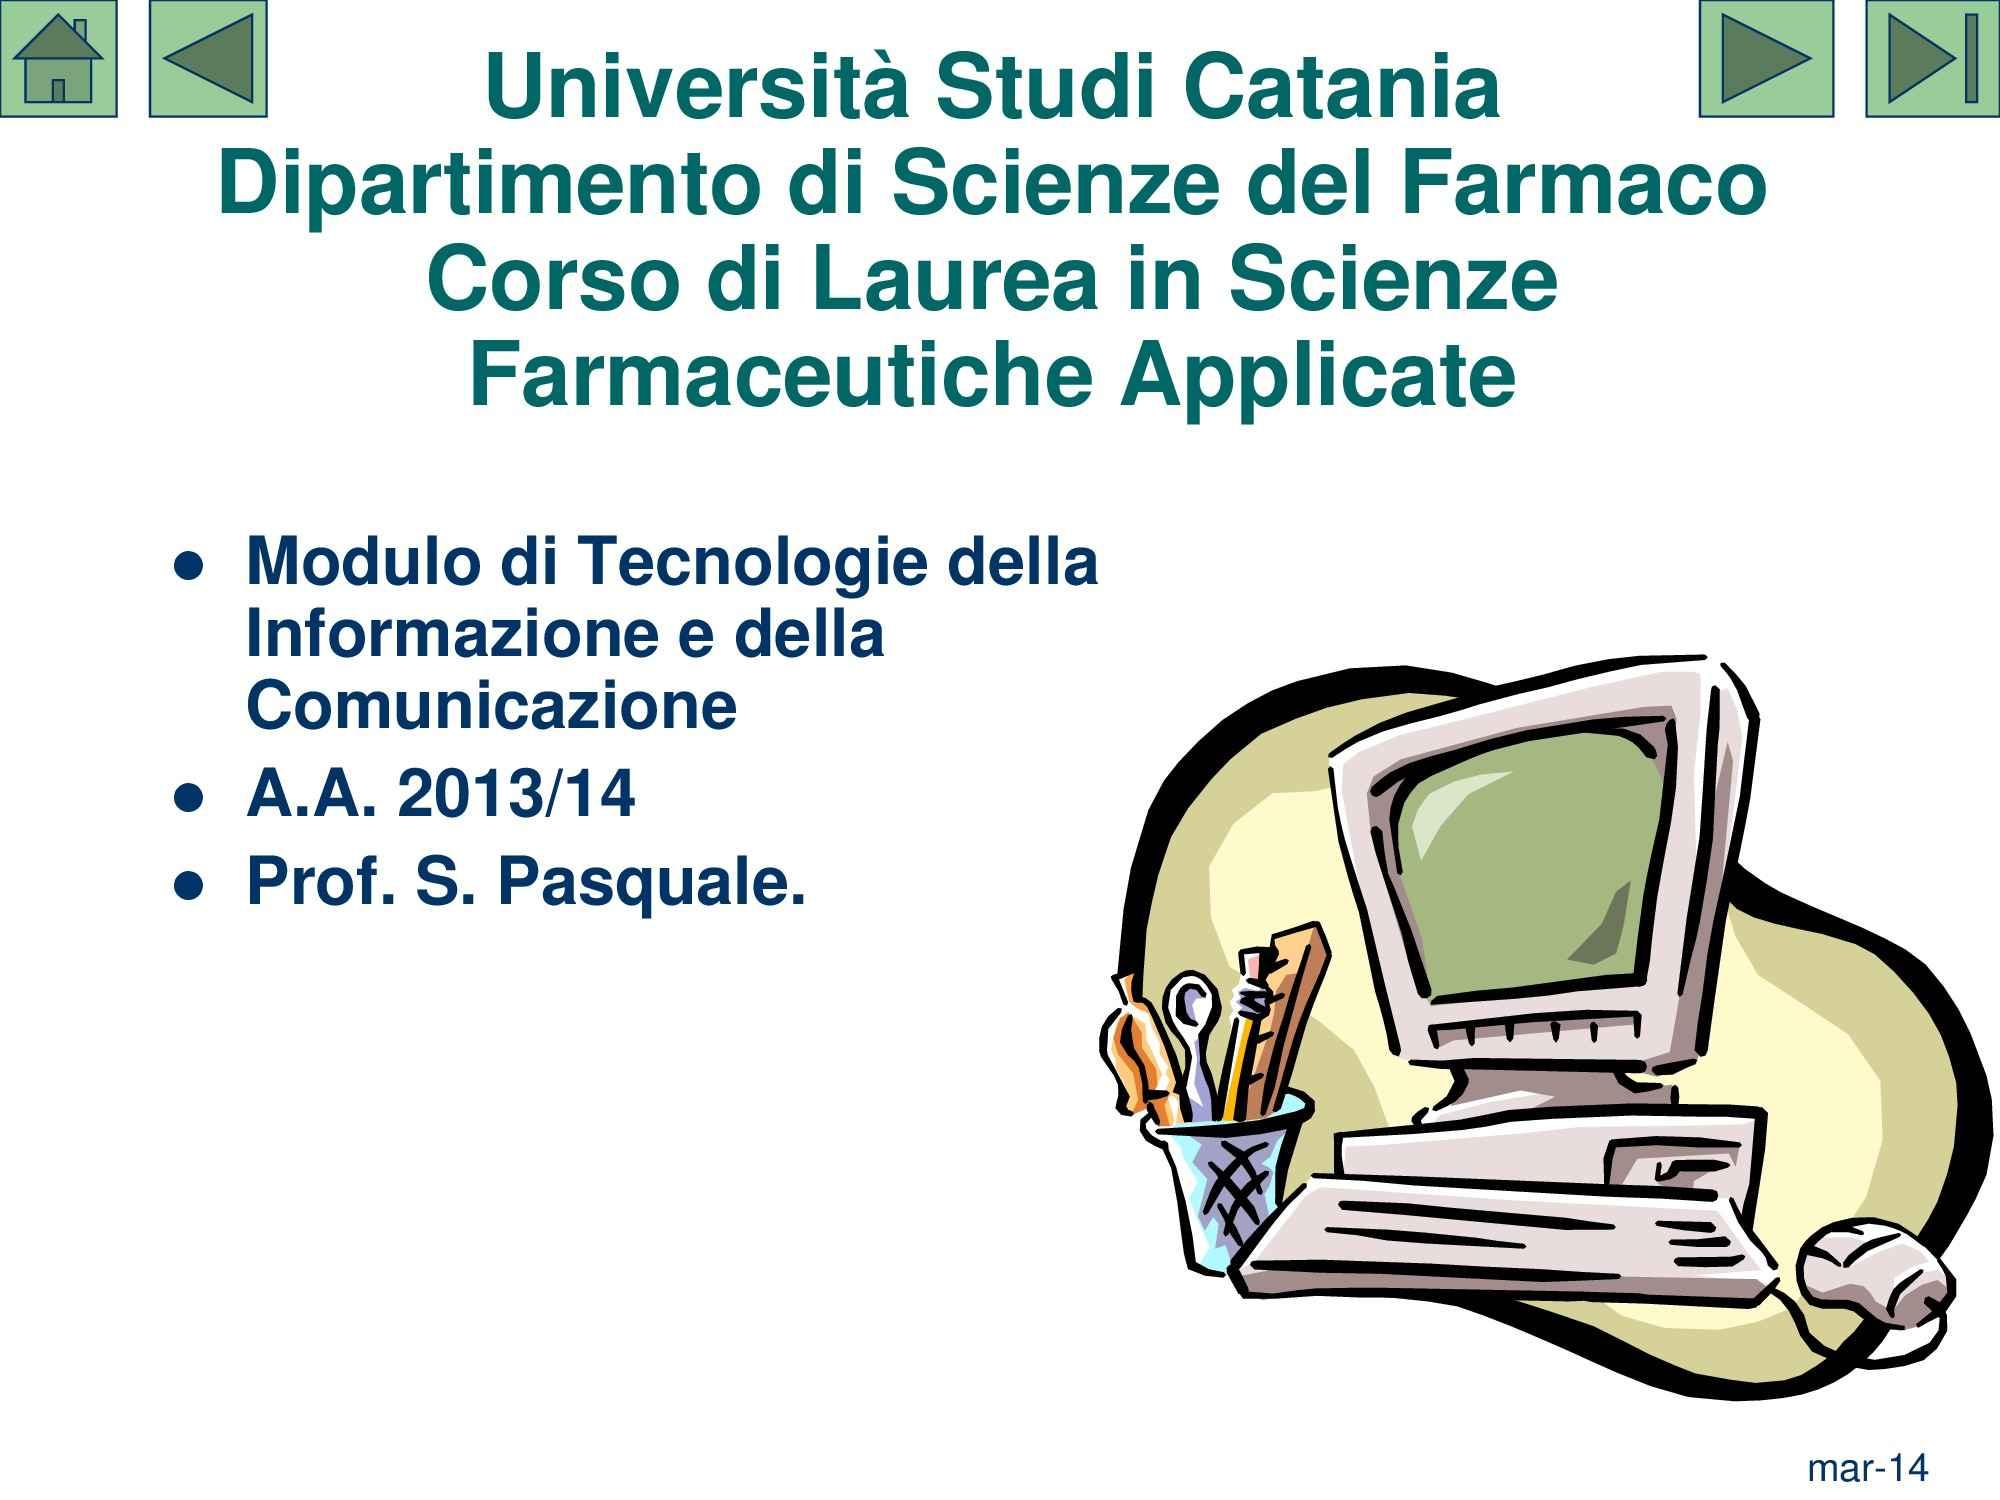 TIC - Tecnologia dell'Informazione e della Comunicazione